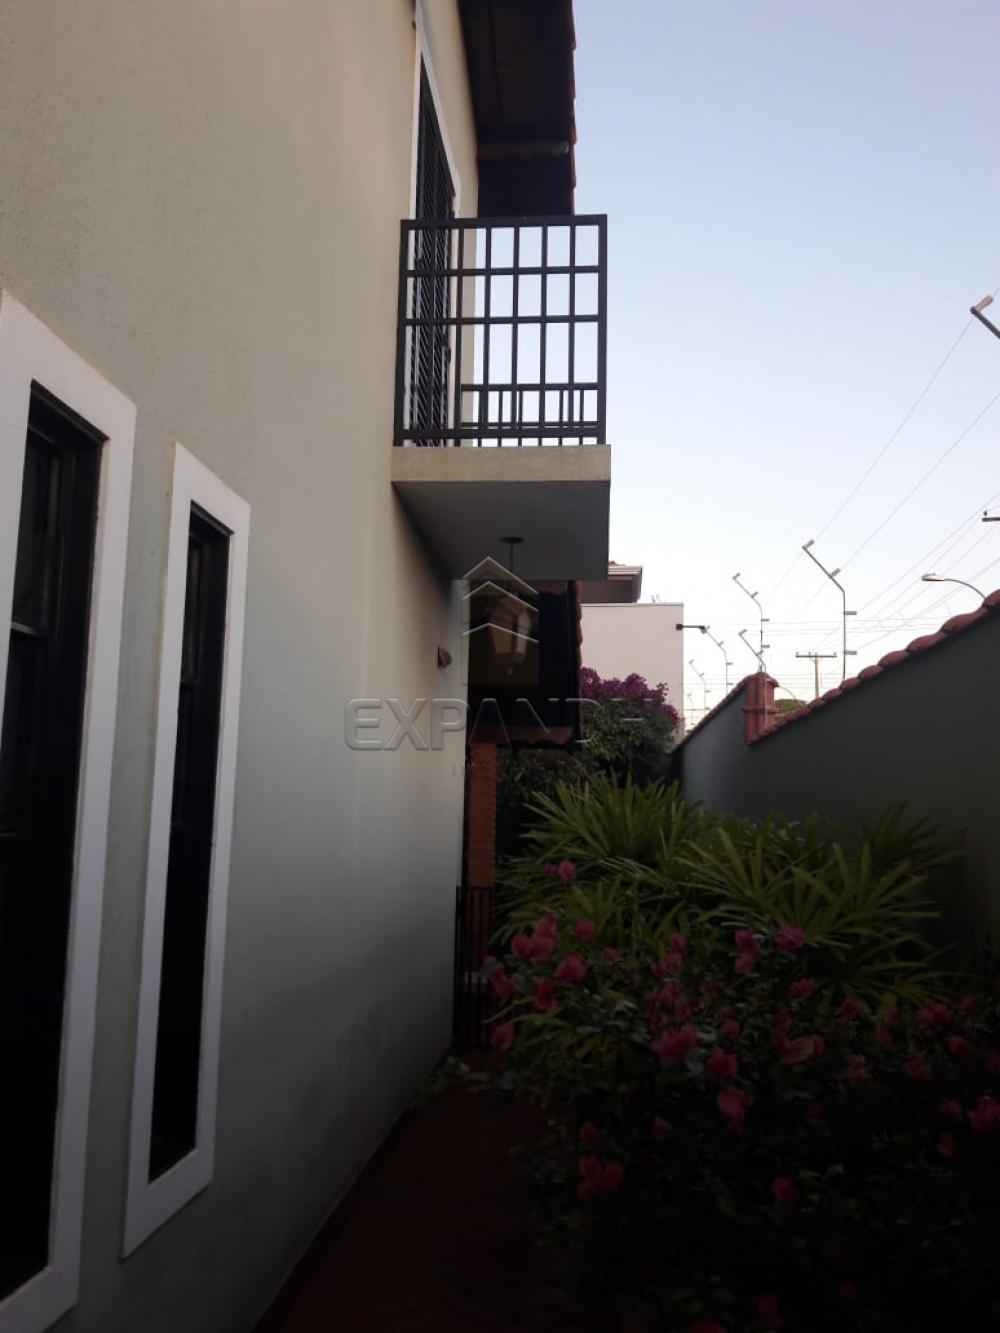 Comprar Casas / Padrão em Sertãozinho apenas R$ 690.000,00 - Foto 7